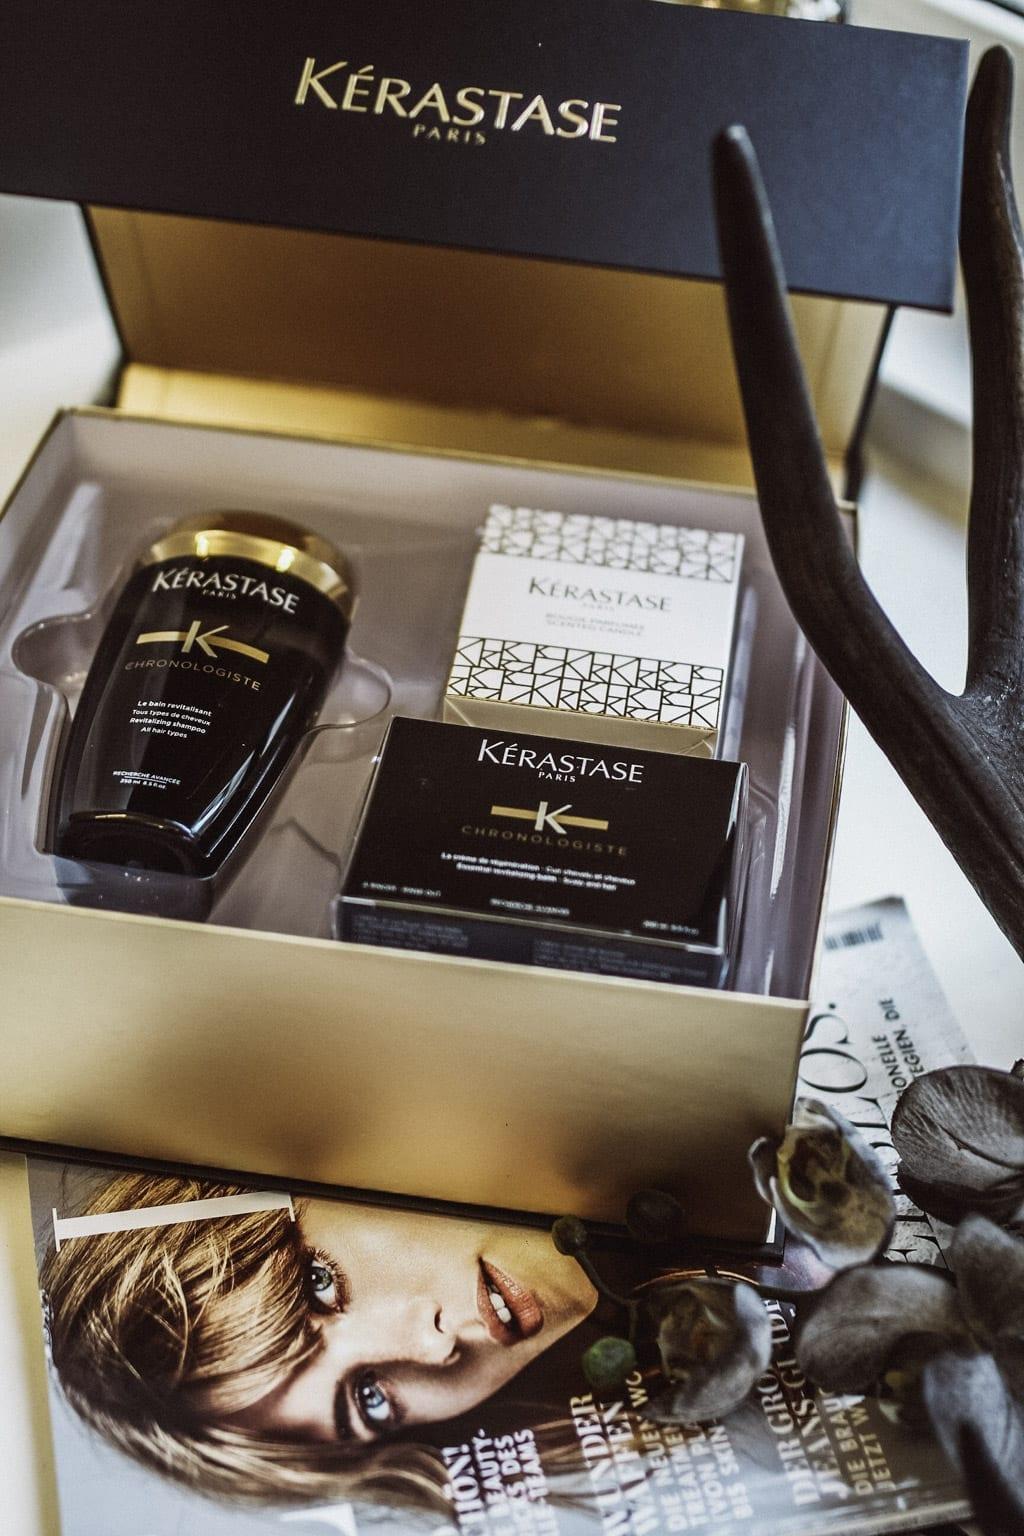 ck-constantlyk-com-kerastase-claudia-geschenke-box-5464